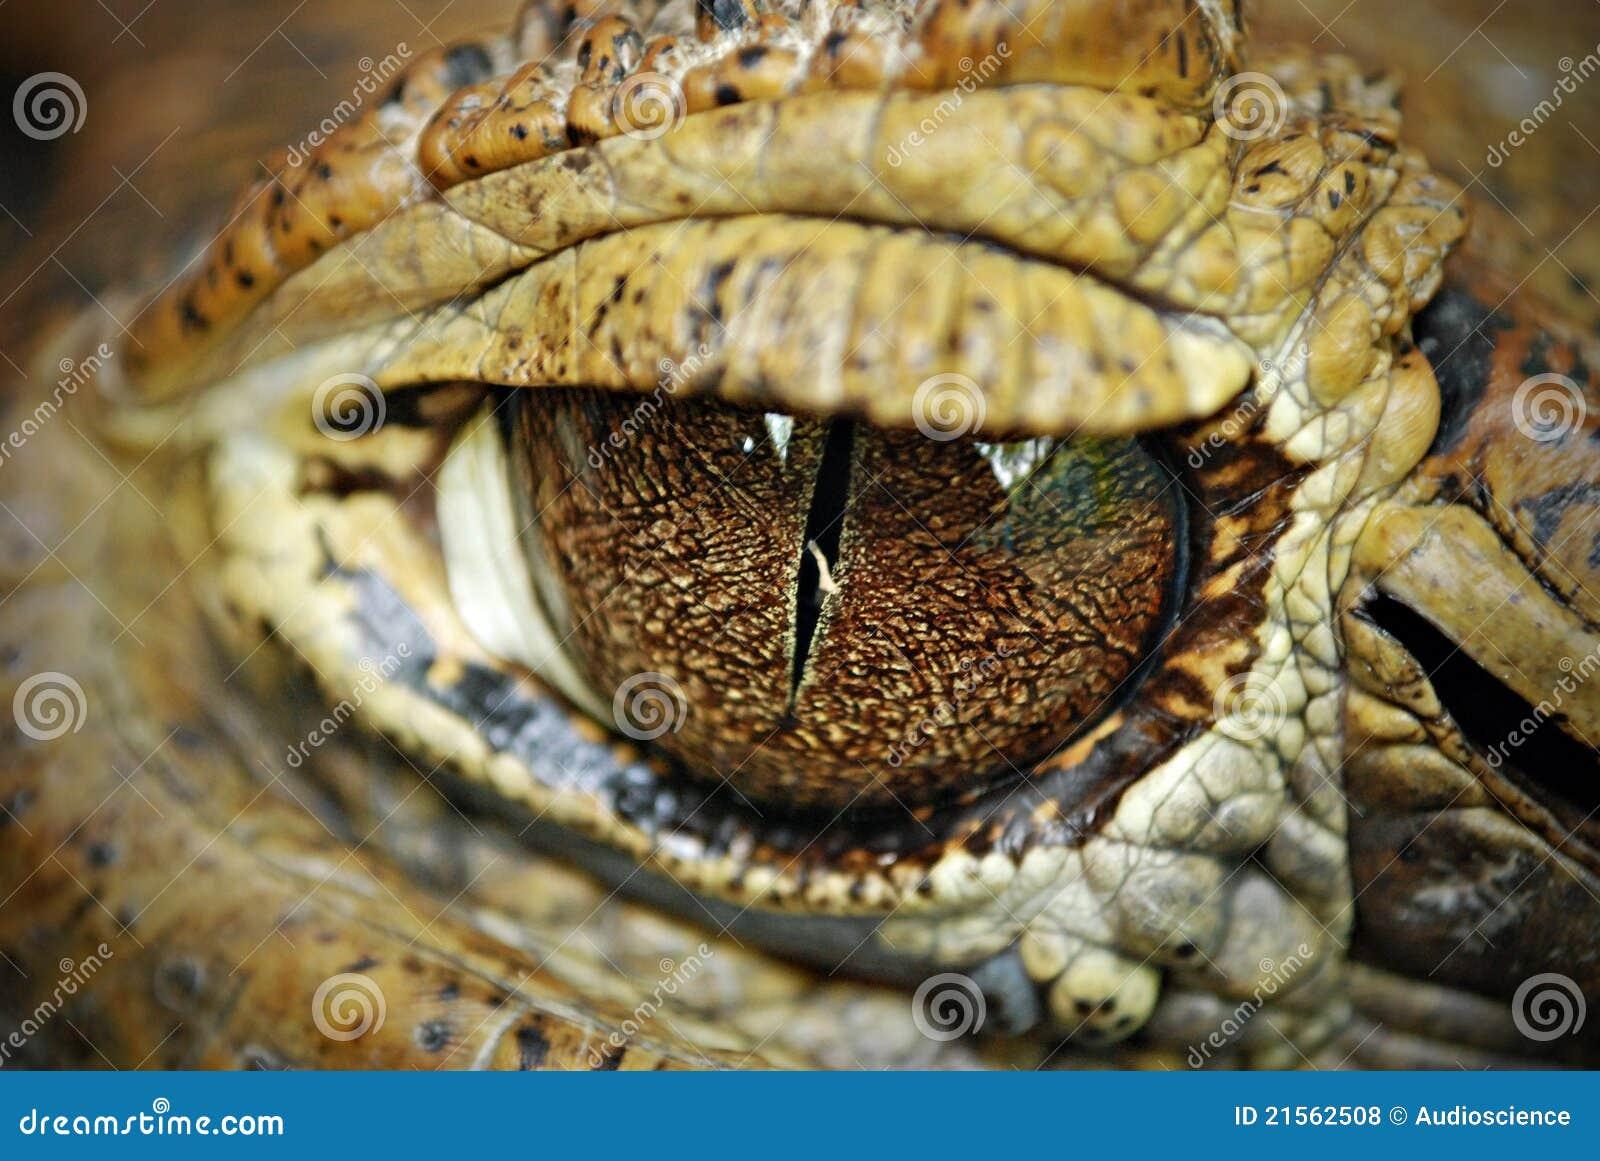 Fine del particolare degli occhi del coccodrillo in su